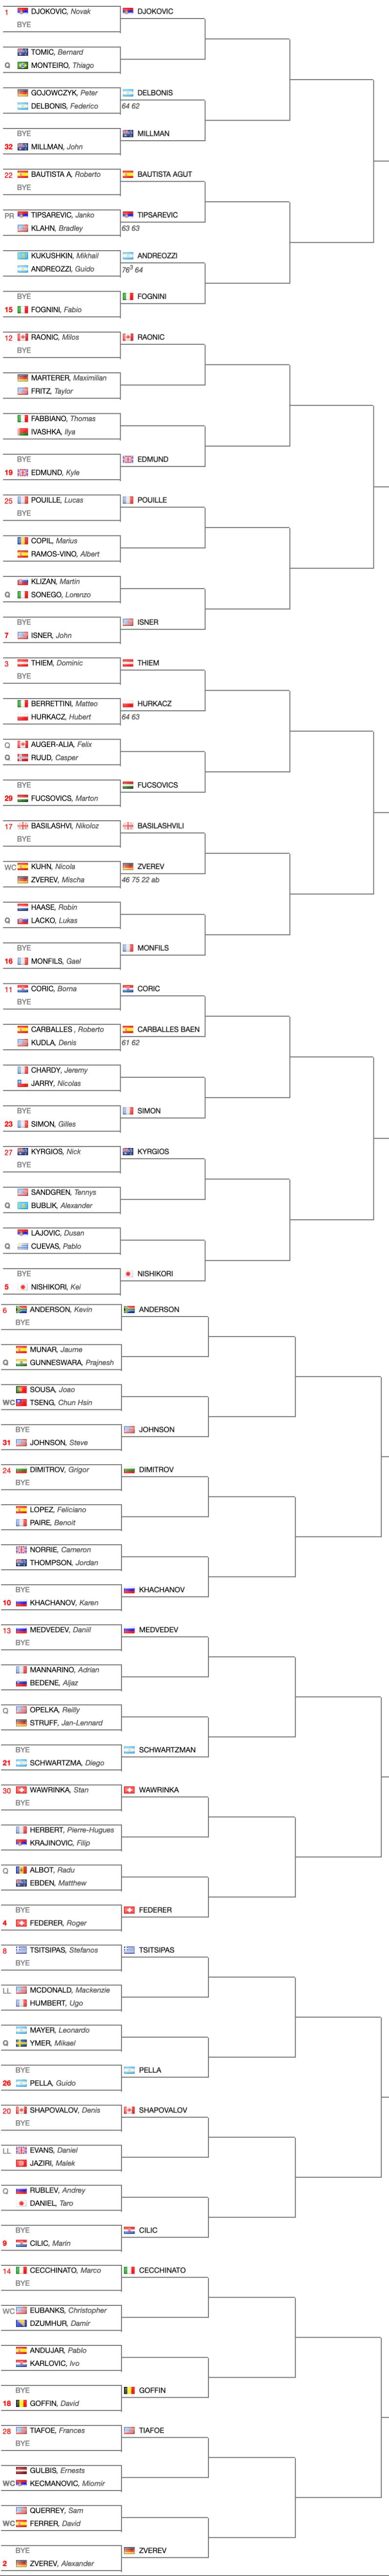 Sorteggio-Tabellone-torneo-maschile-Miami-Open-2019